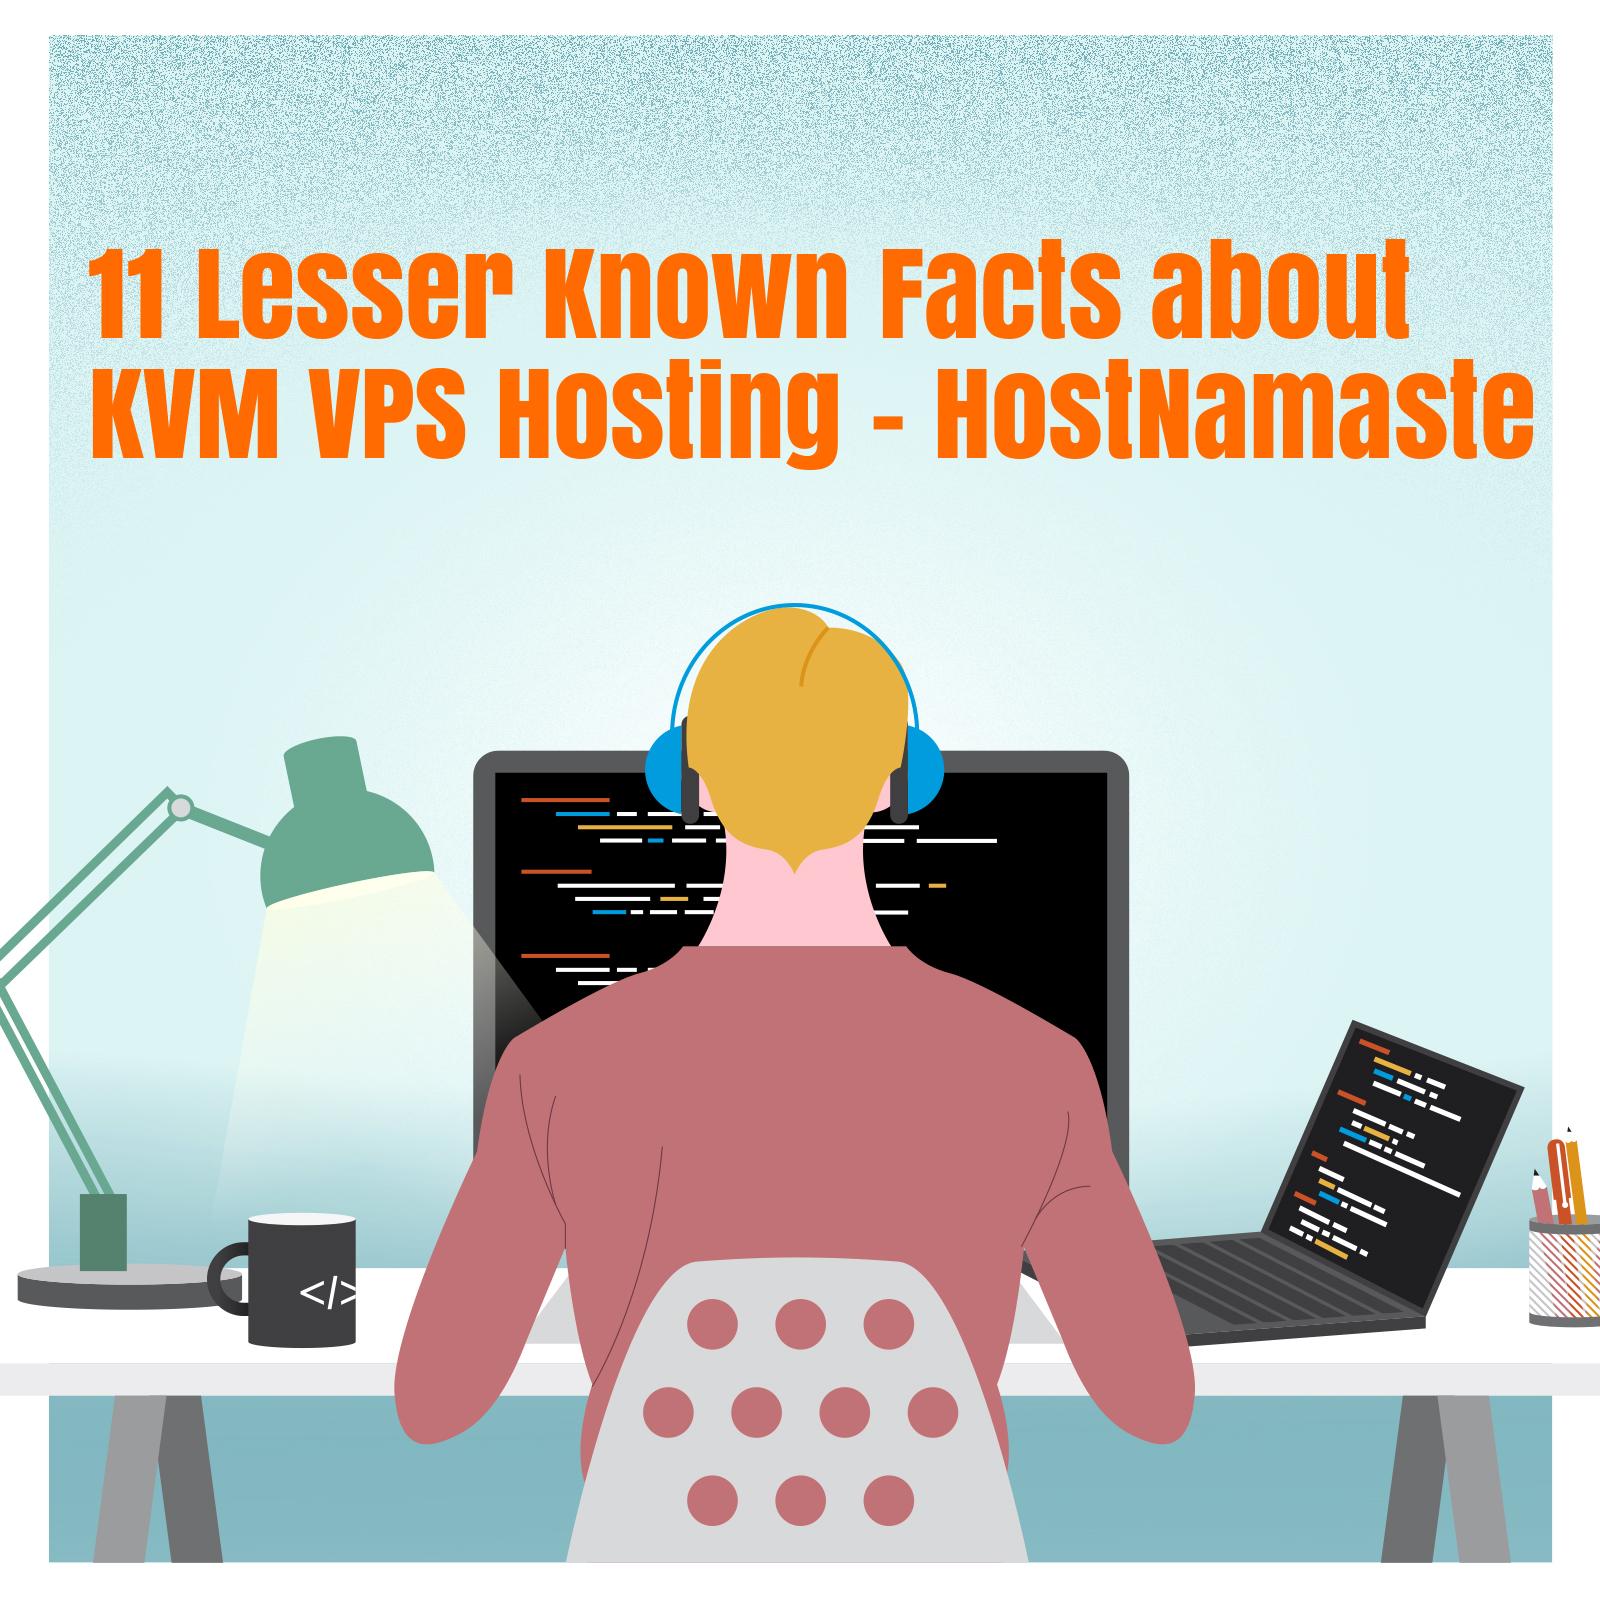 11 Lesser Known Facts about KVM VPS Hosting - HostNamaste